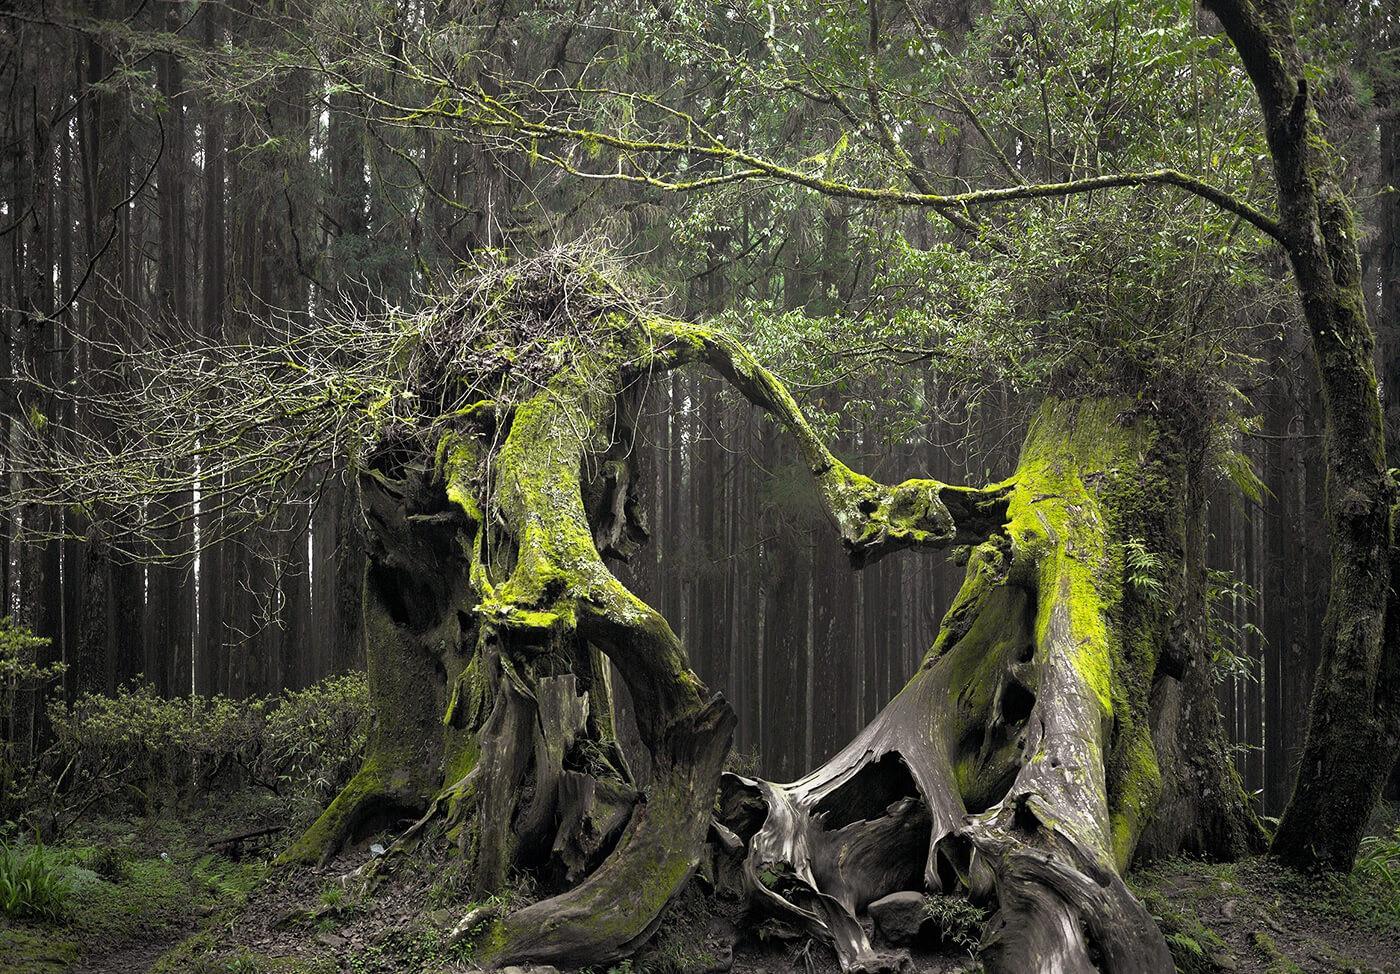 Câu chuyện về khu rừng ma ám được mệnh danh là tam giác quỷ-2